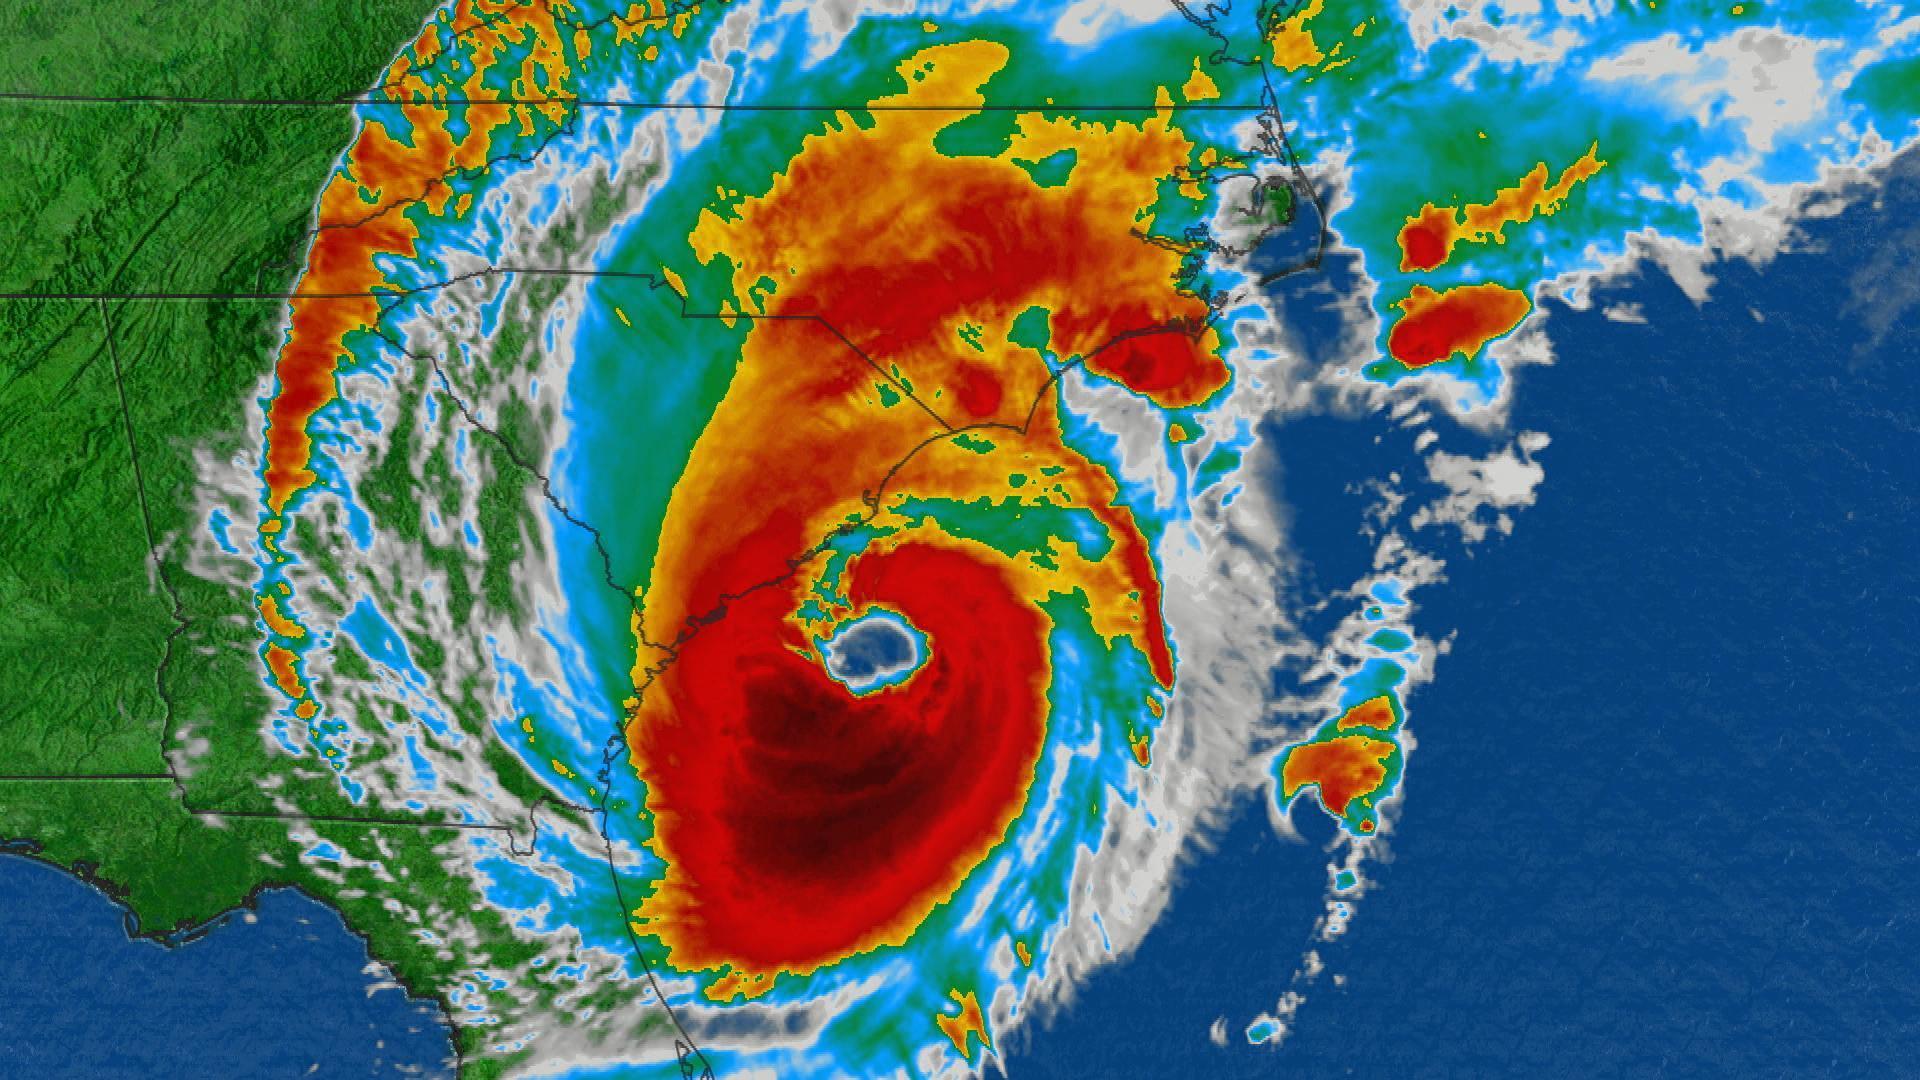 Hurricane Dorian expected to hit Bahamas as 'devastating' storm, then shift toward Carolinas